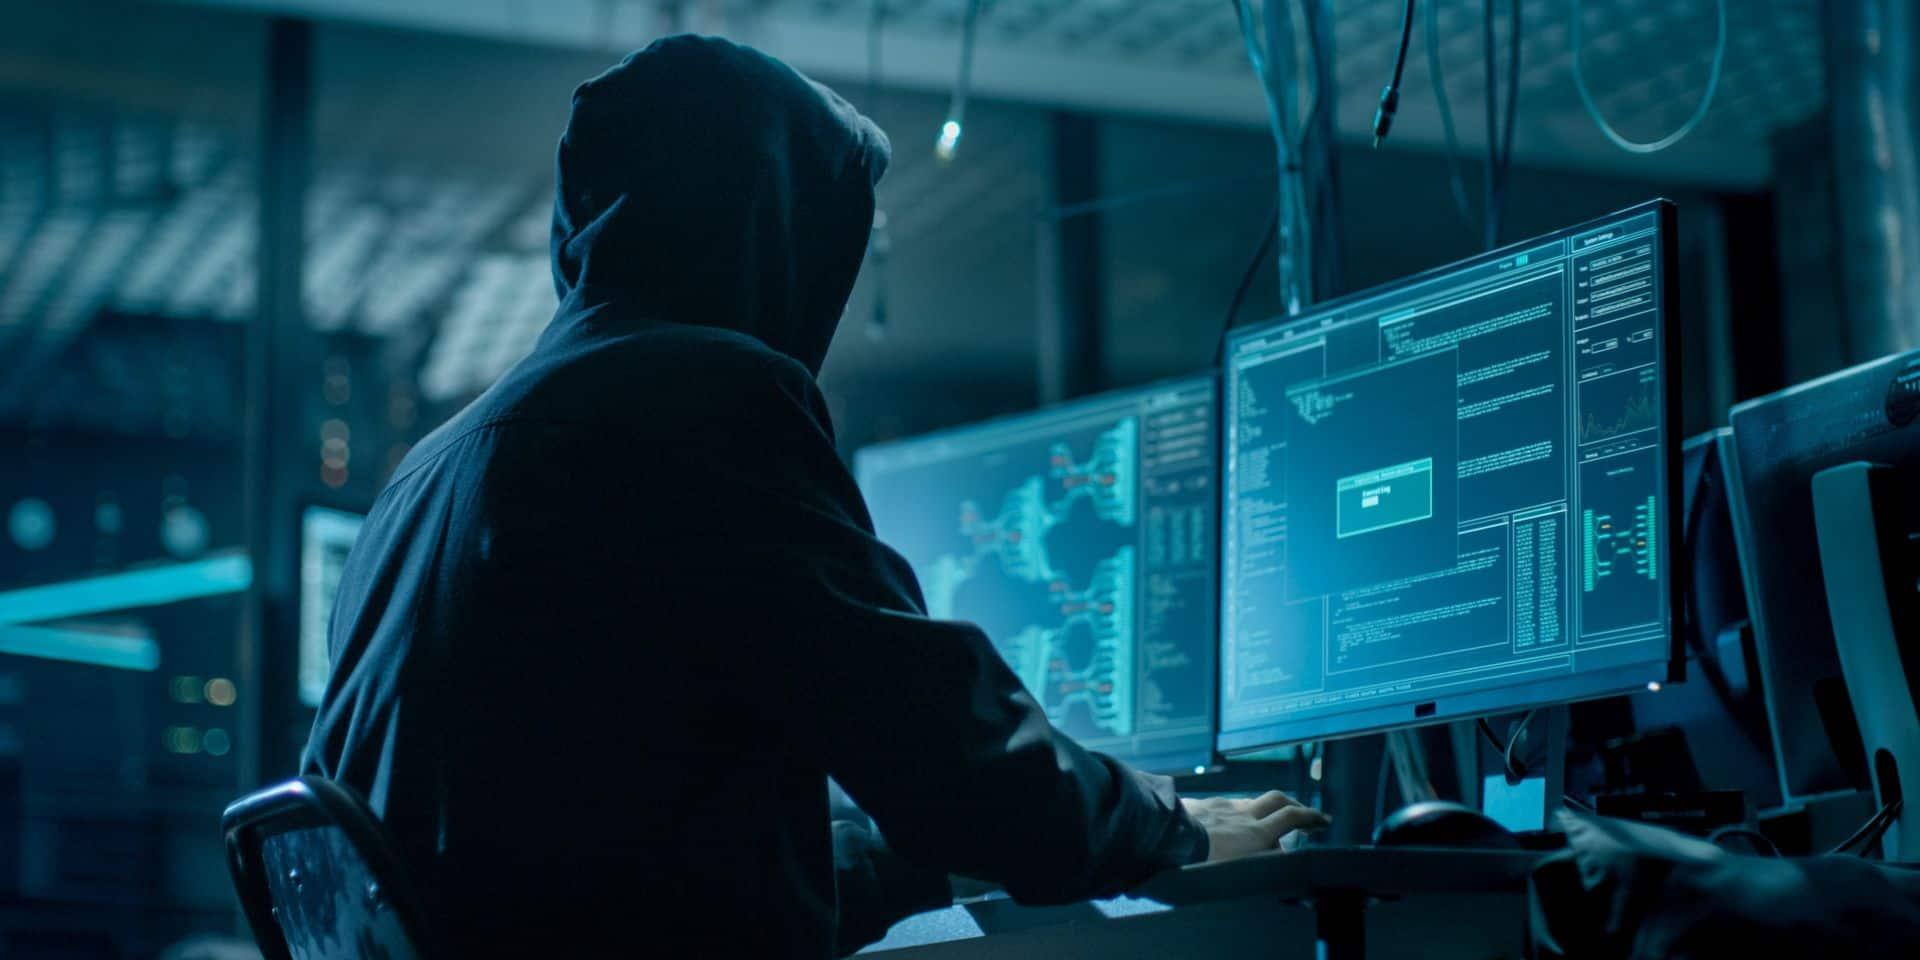 Des pirates informatiques russes et nord-coréens ciblent les vaccins anti-Covid, avertit Microsoft